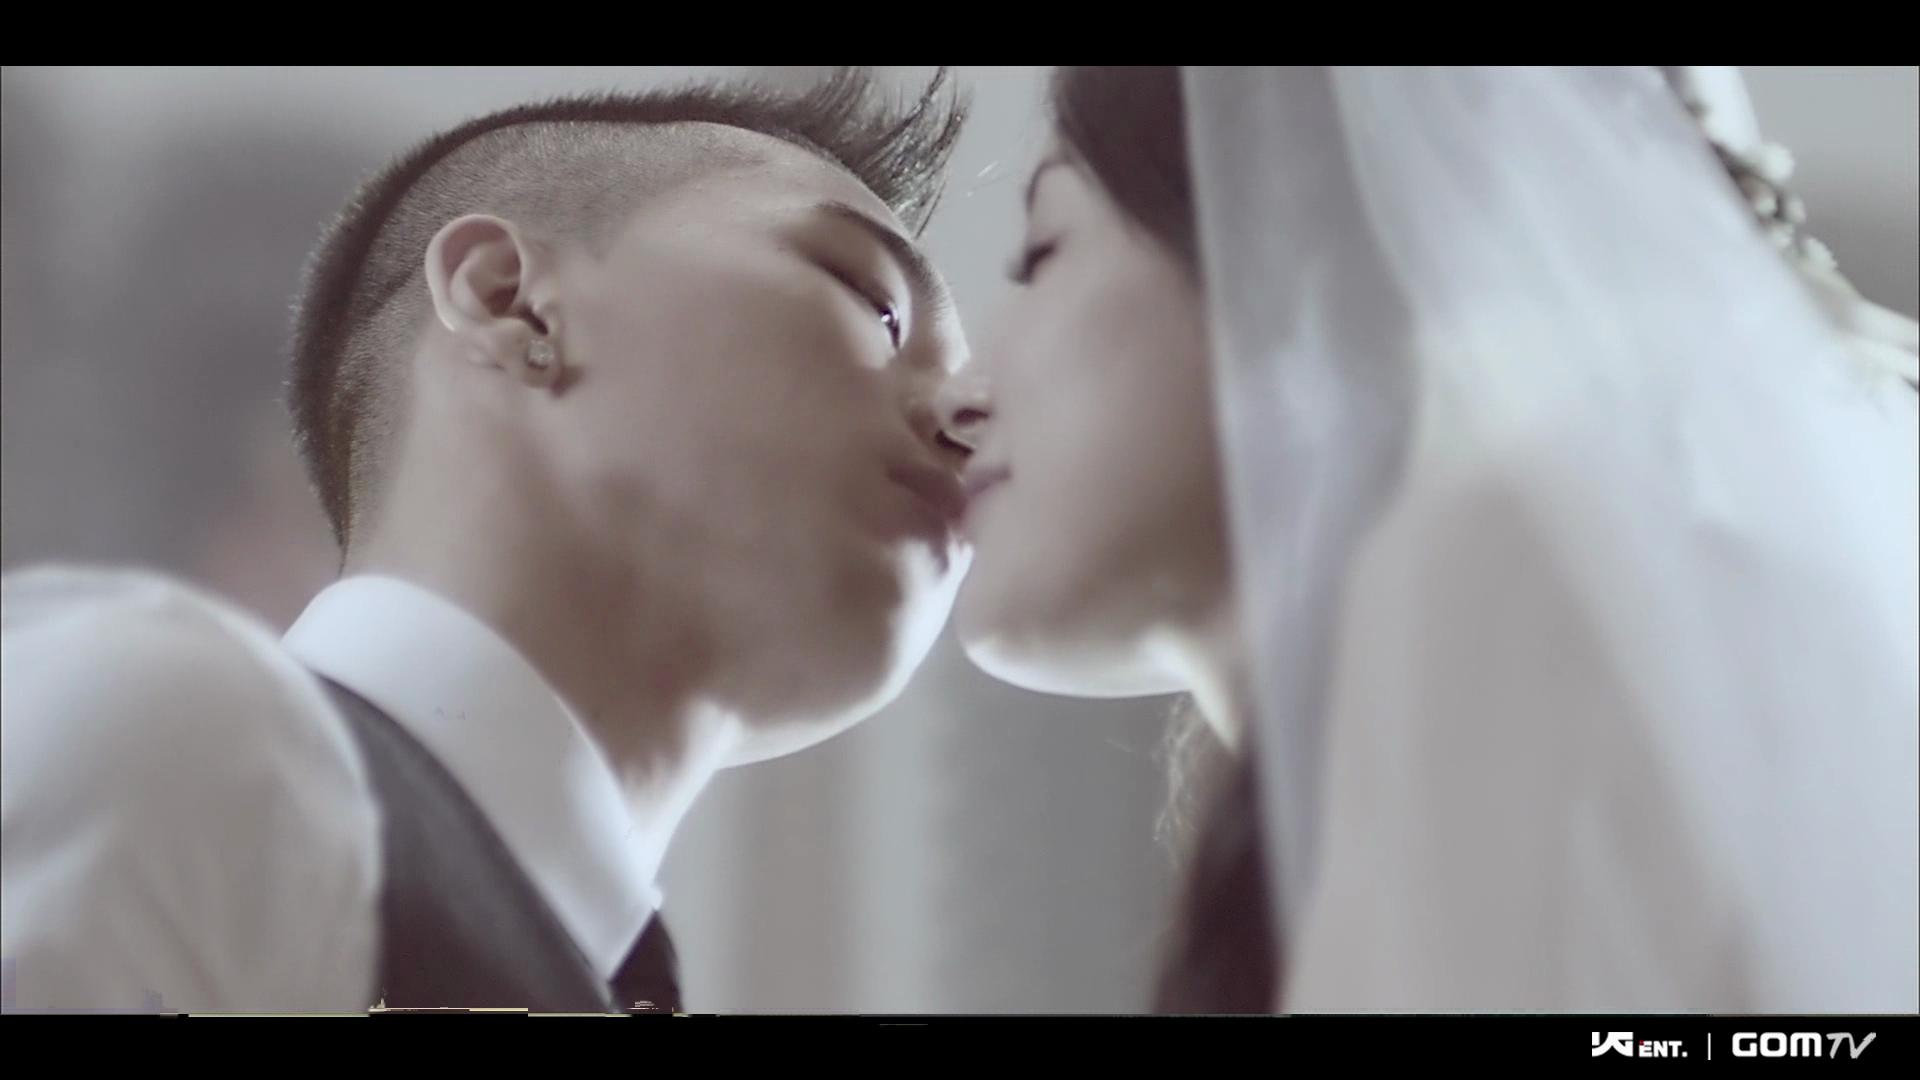 TAEYANG WEDDING DRESS MP3